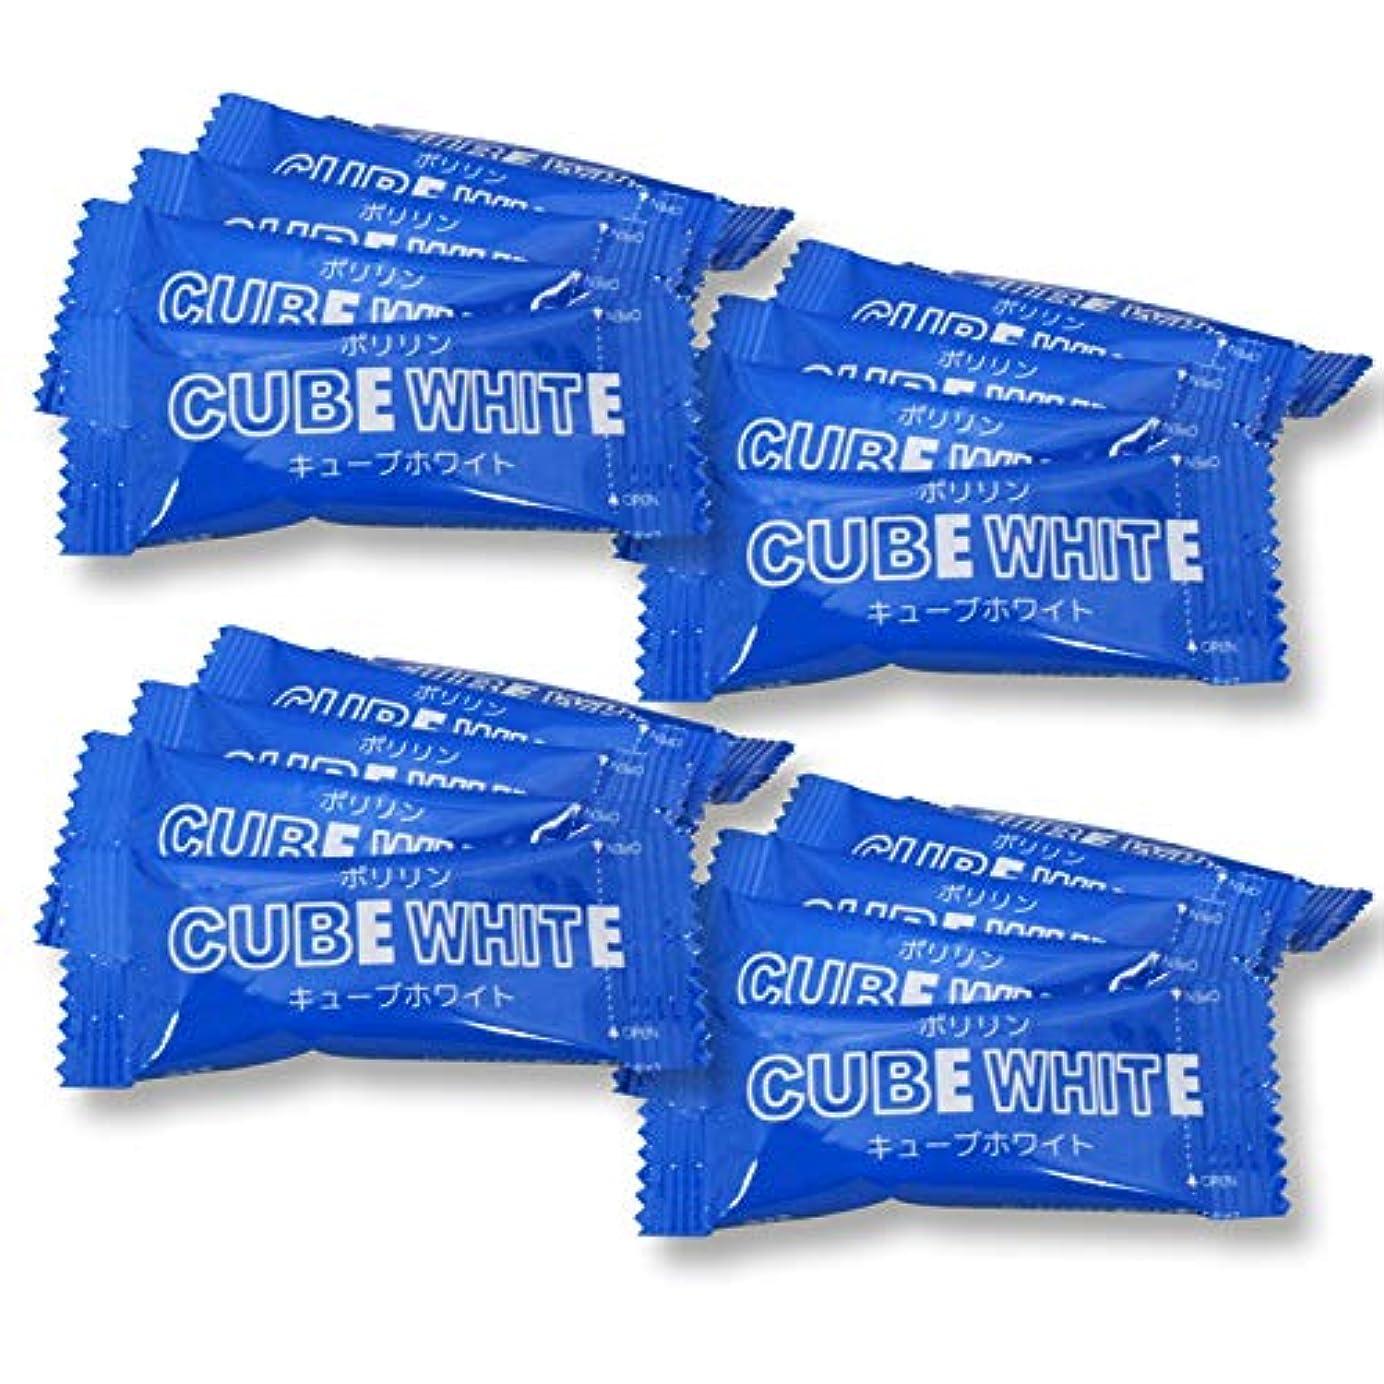 ブランデーフェローシップラウズリジェンティス キューブホワイト 【20袋入】 歯面専用 スポンジ 歯 ブラシ 付き ホワイトニング 歯磨き